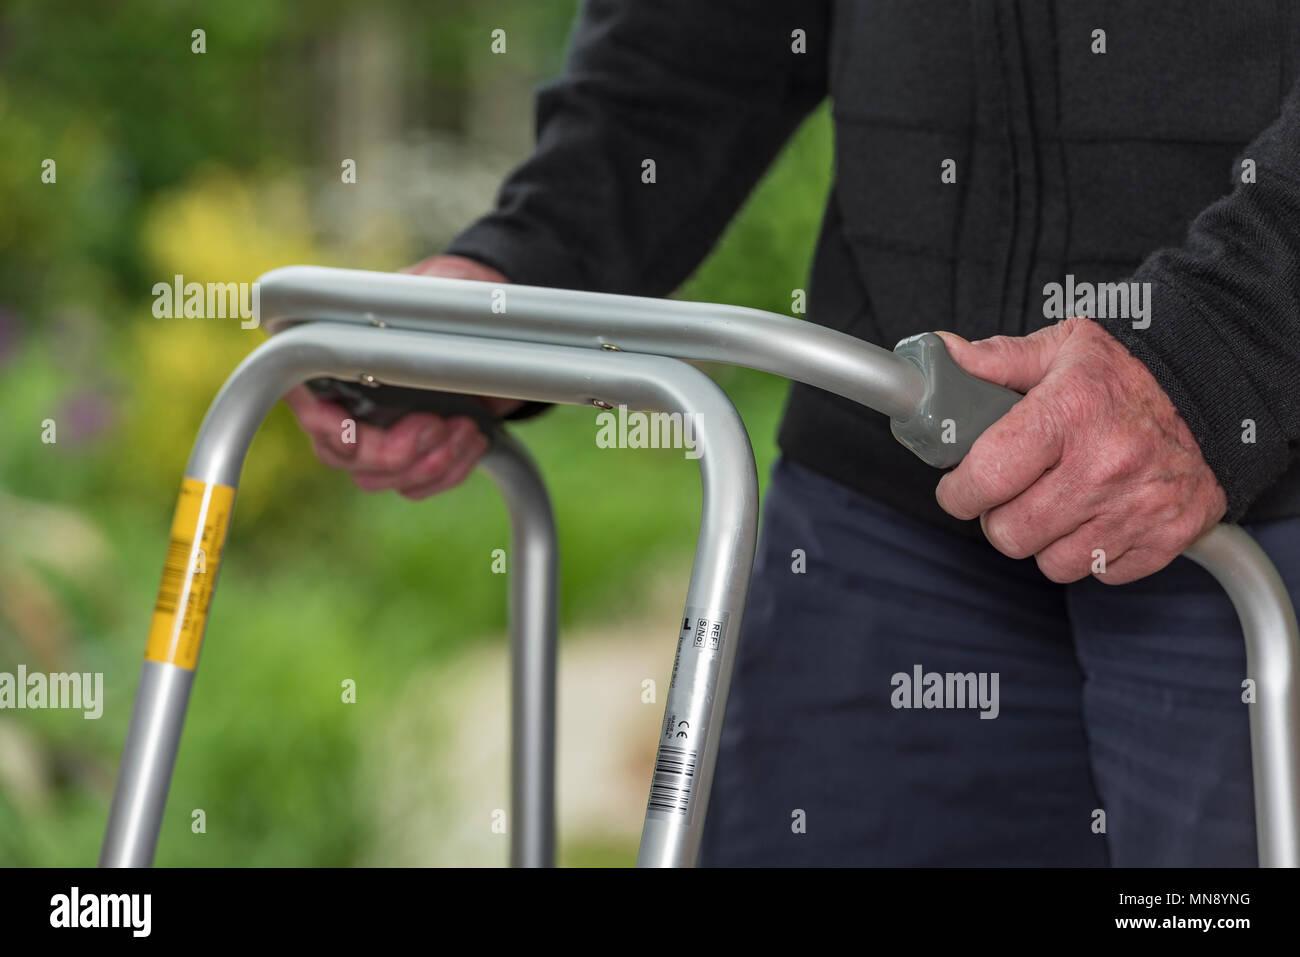 Personnes âgées, Senior caucasian man à l'aide d'un déambulateur ou zimmer aide à la mobilité. Photo Stock